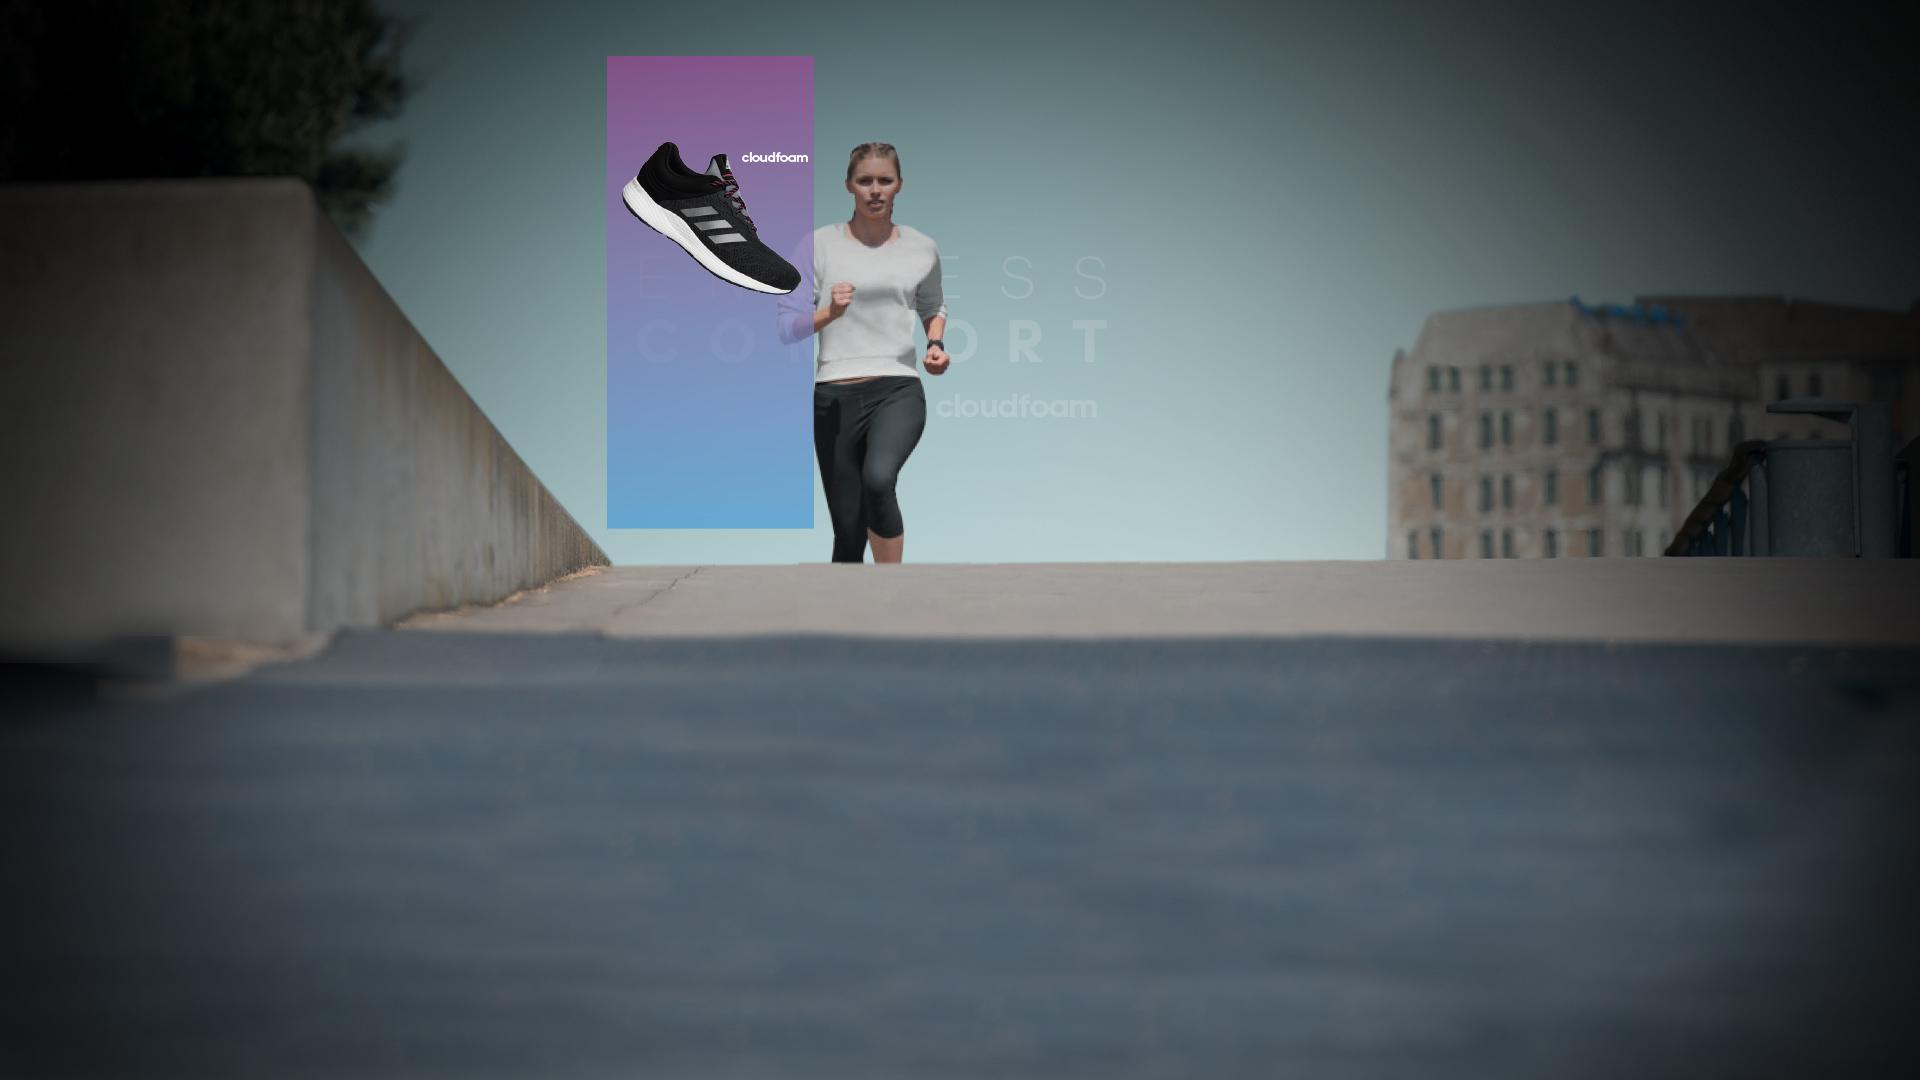 Došlapujte měkce jako kočka s technologií CLOUDFOAM v botách adidas